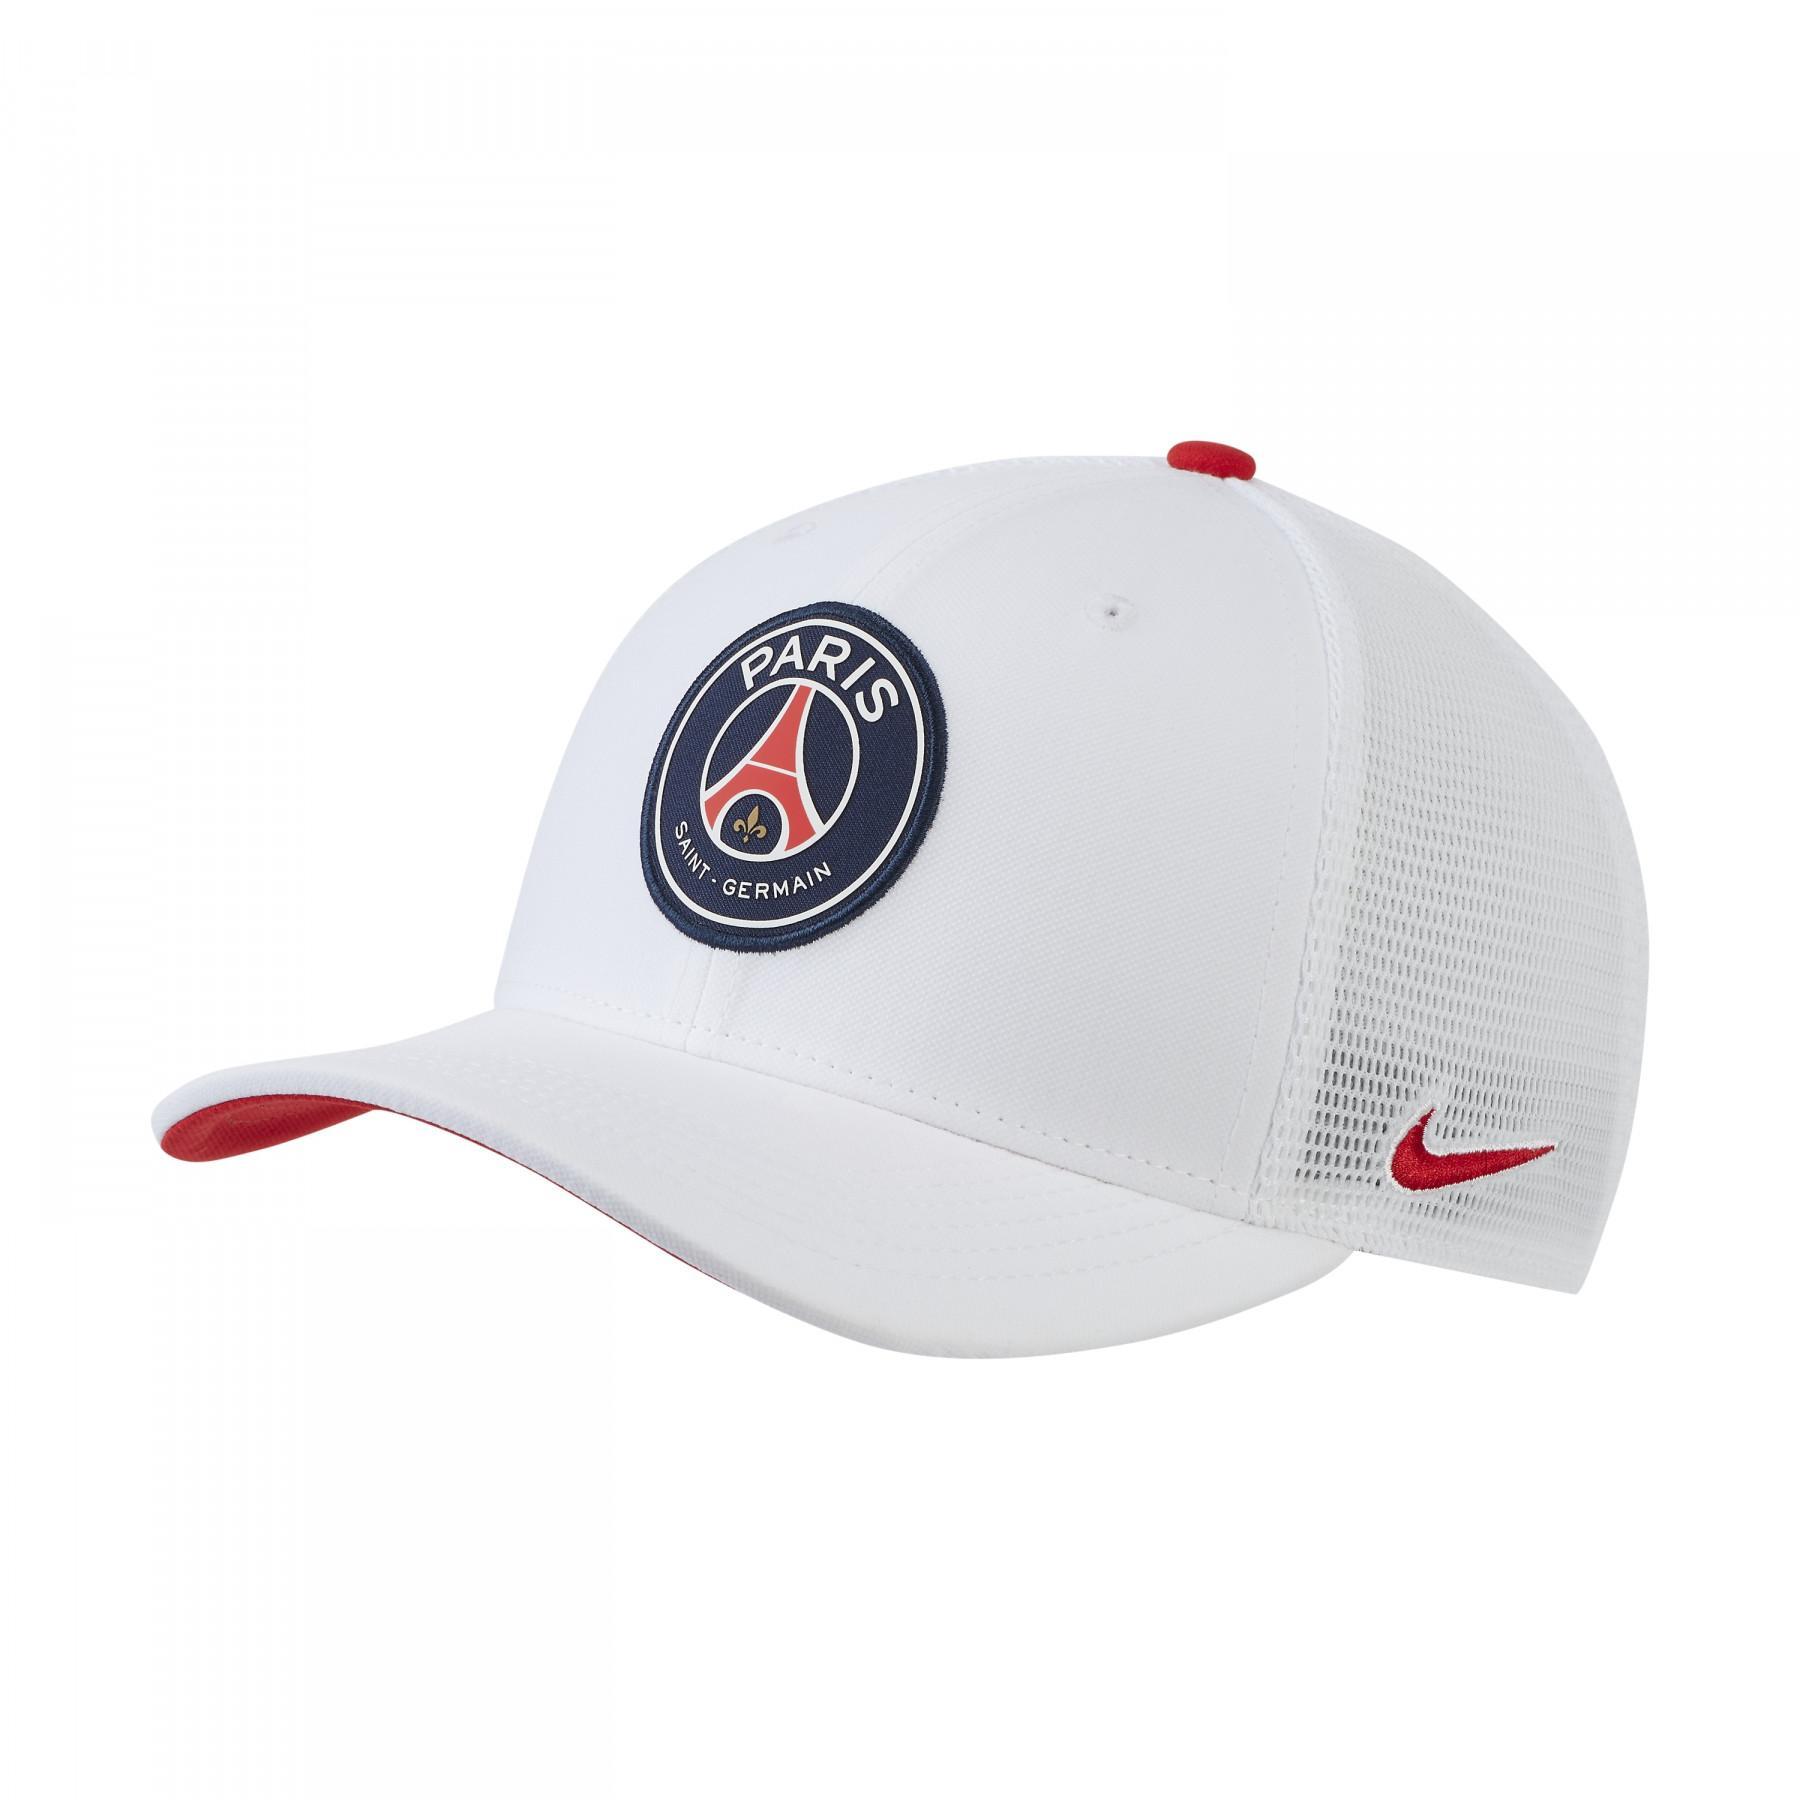 PSG Classic99 cap